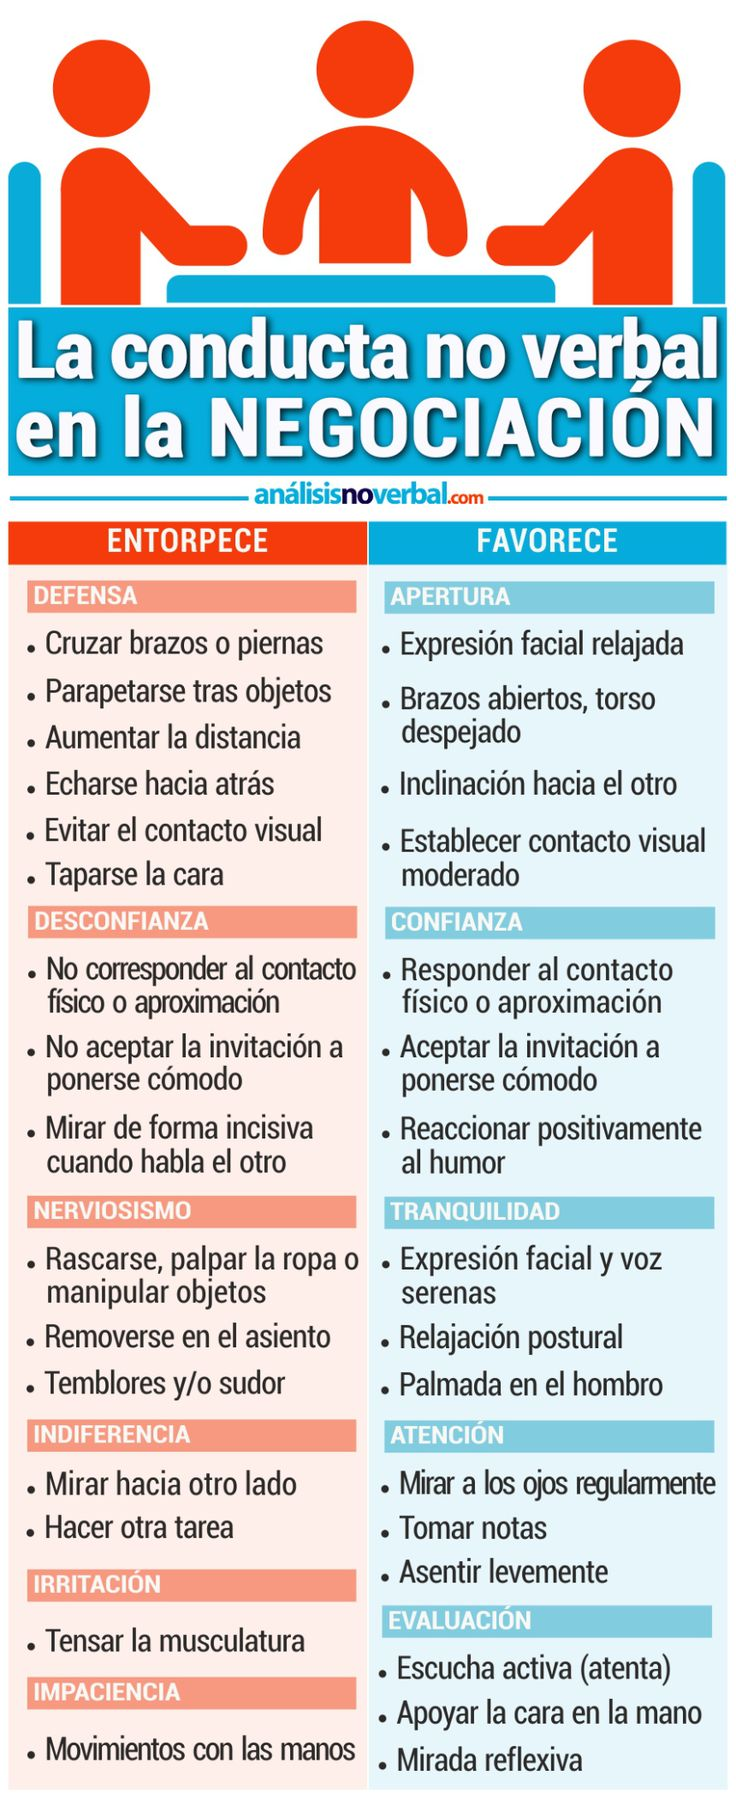 La conducta no verbal de la Negociación #infografia #infographic  Ideas Desarrollo Personal para www.masymejor.com